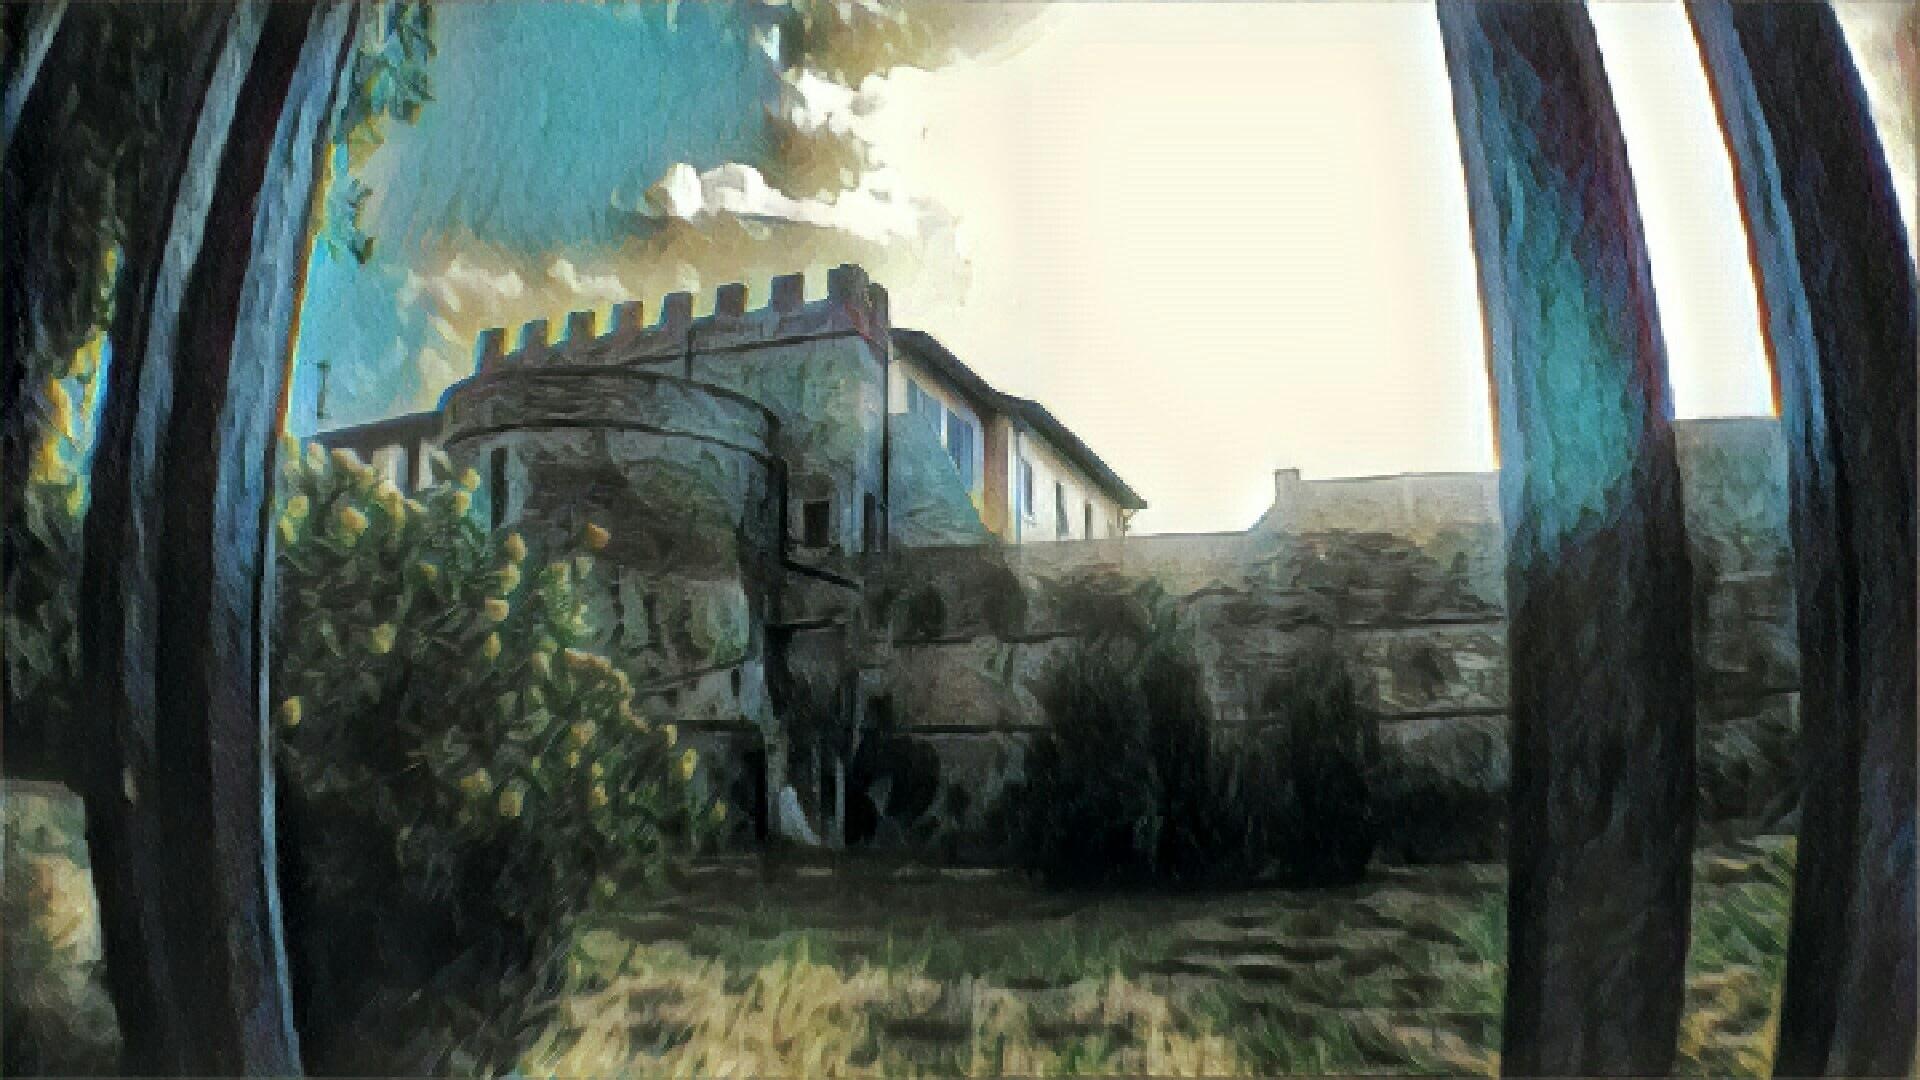 vecchie mura by MOROMORINO